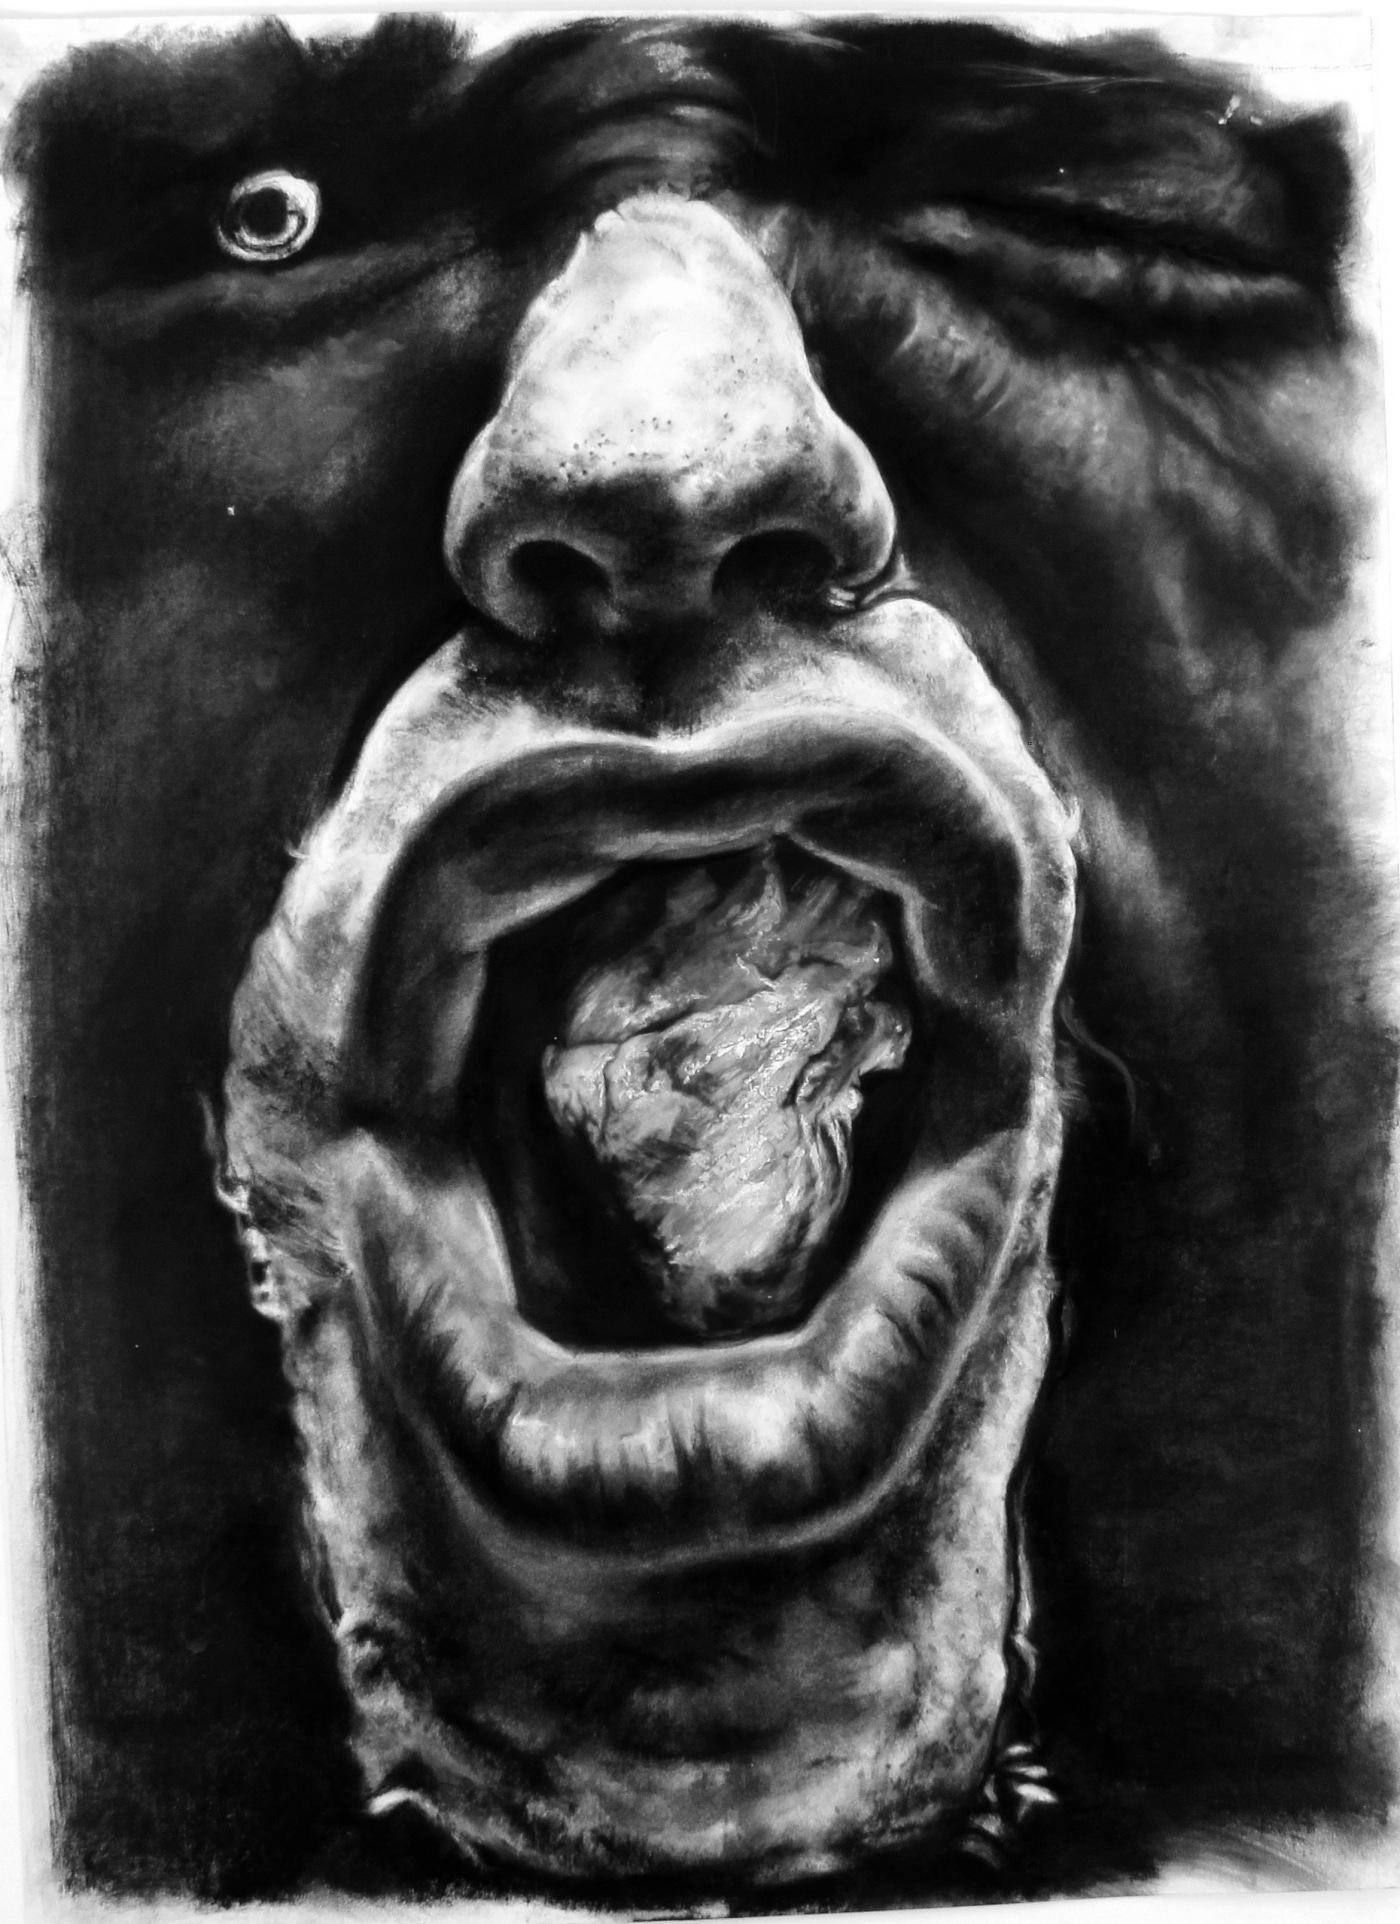 GUSTAVOT DIAZ, 2014 | da série DIZMETAFORIA, I (técnica mista sobre papel, 90x65cm)